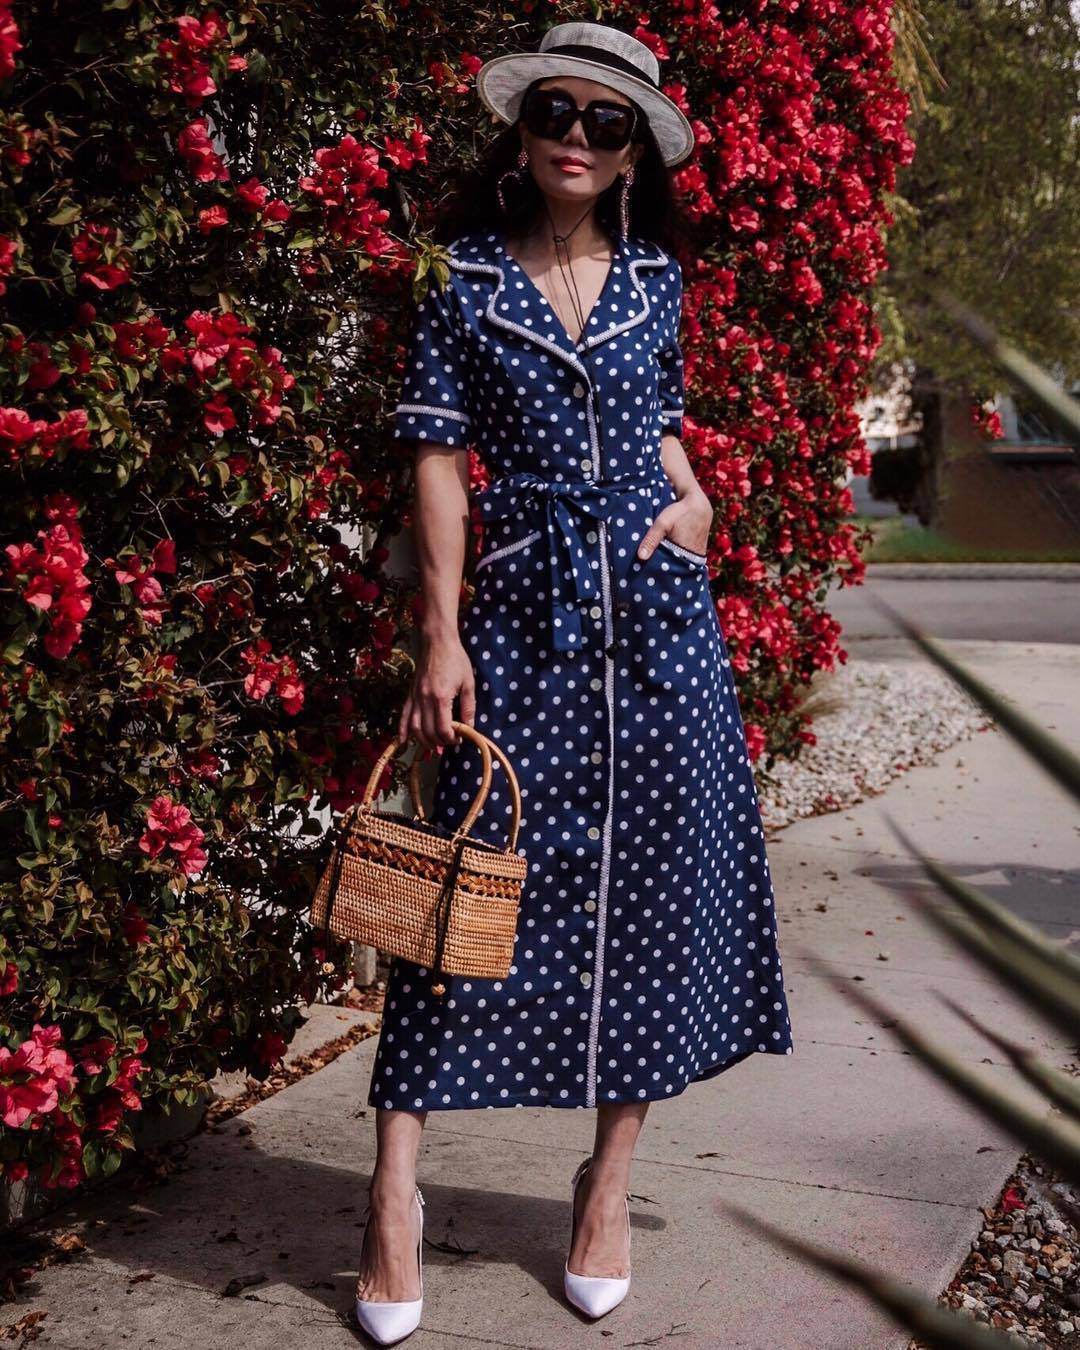 dress midi dress blue dress polka dots wood handbag pumps hat